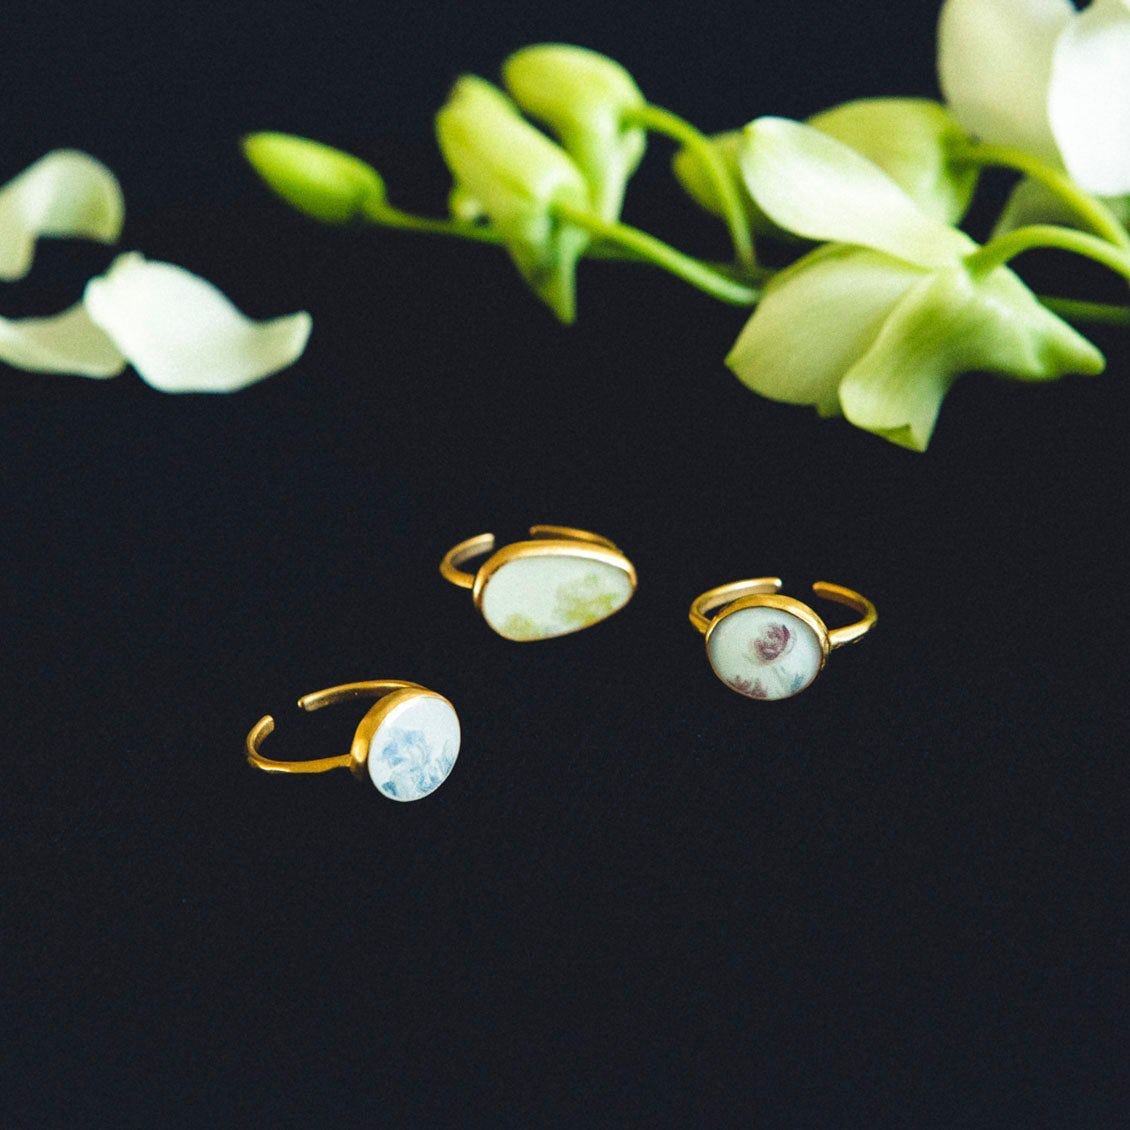 【新商品】日々の暮らしにそっと寄り添い、彩ってくれるお守りを。「指先に花を添えるリング」をつくりました